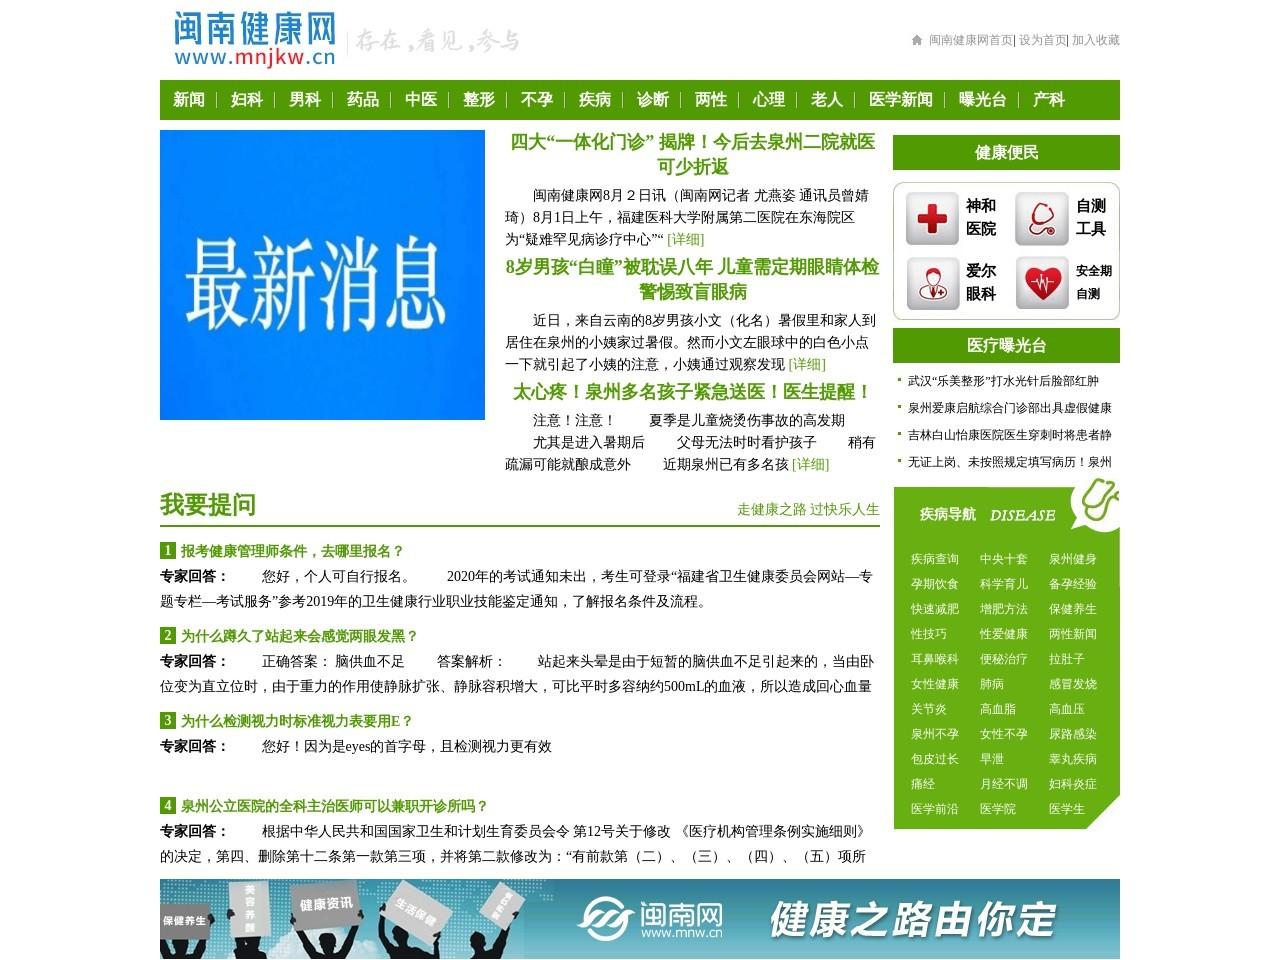 闽南健康网_健康周刊解读健康新闻热点话题